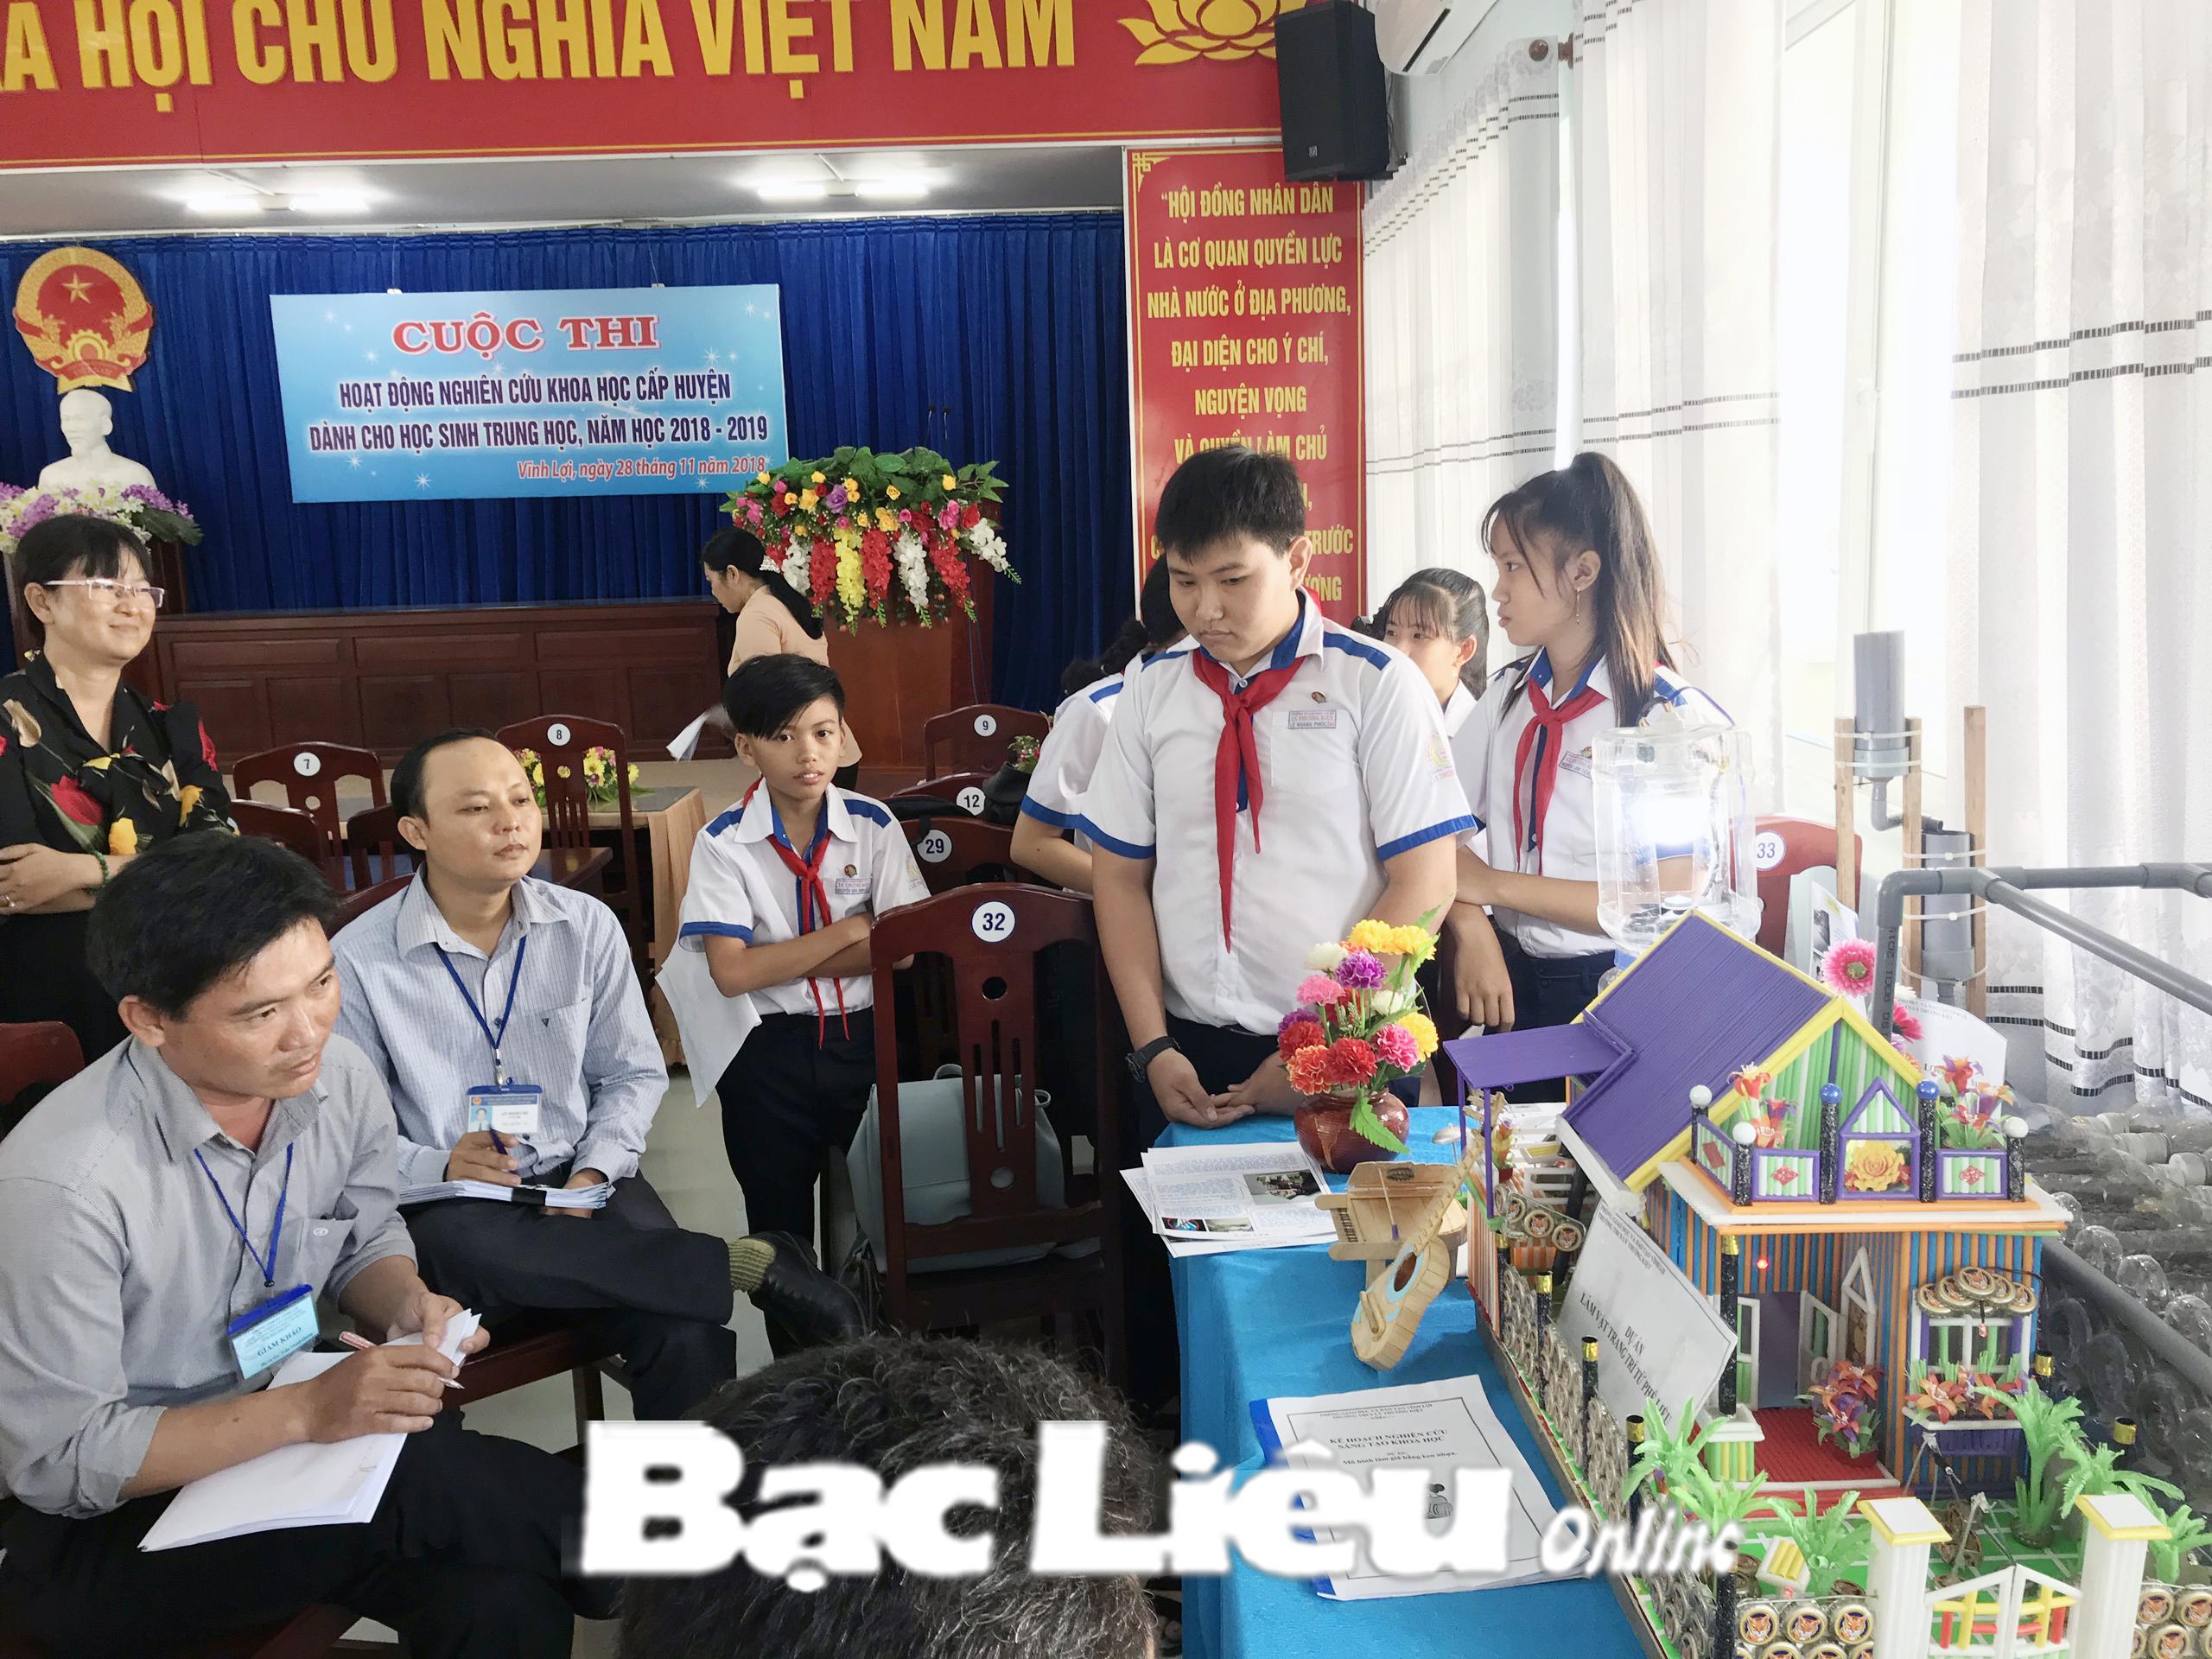 Huyện Vĩnh Lợi đoạt giải Nhất toàn đoàn hội thi nghiên cứu khoa học cấp tỉnh năm học 2018 - 2019